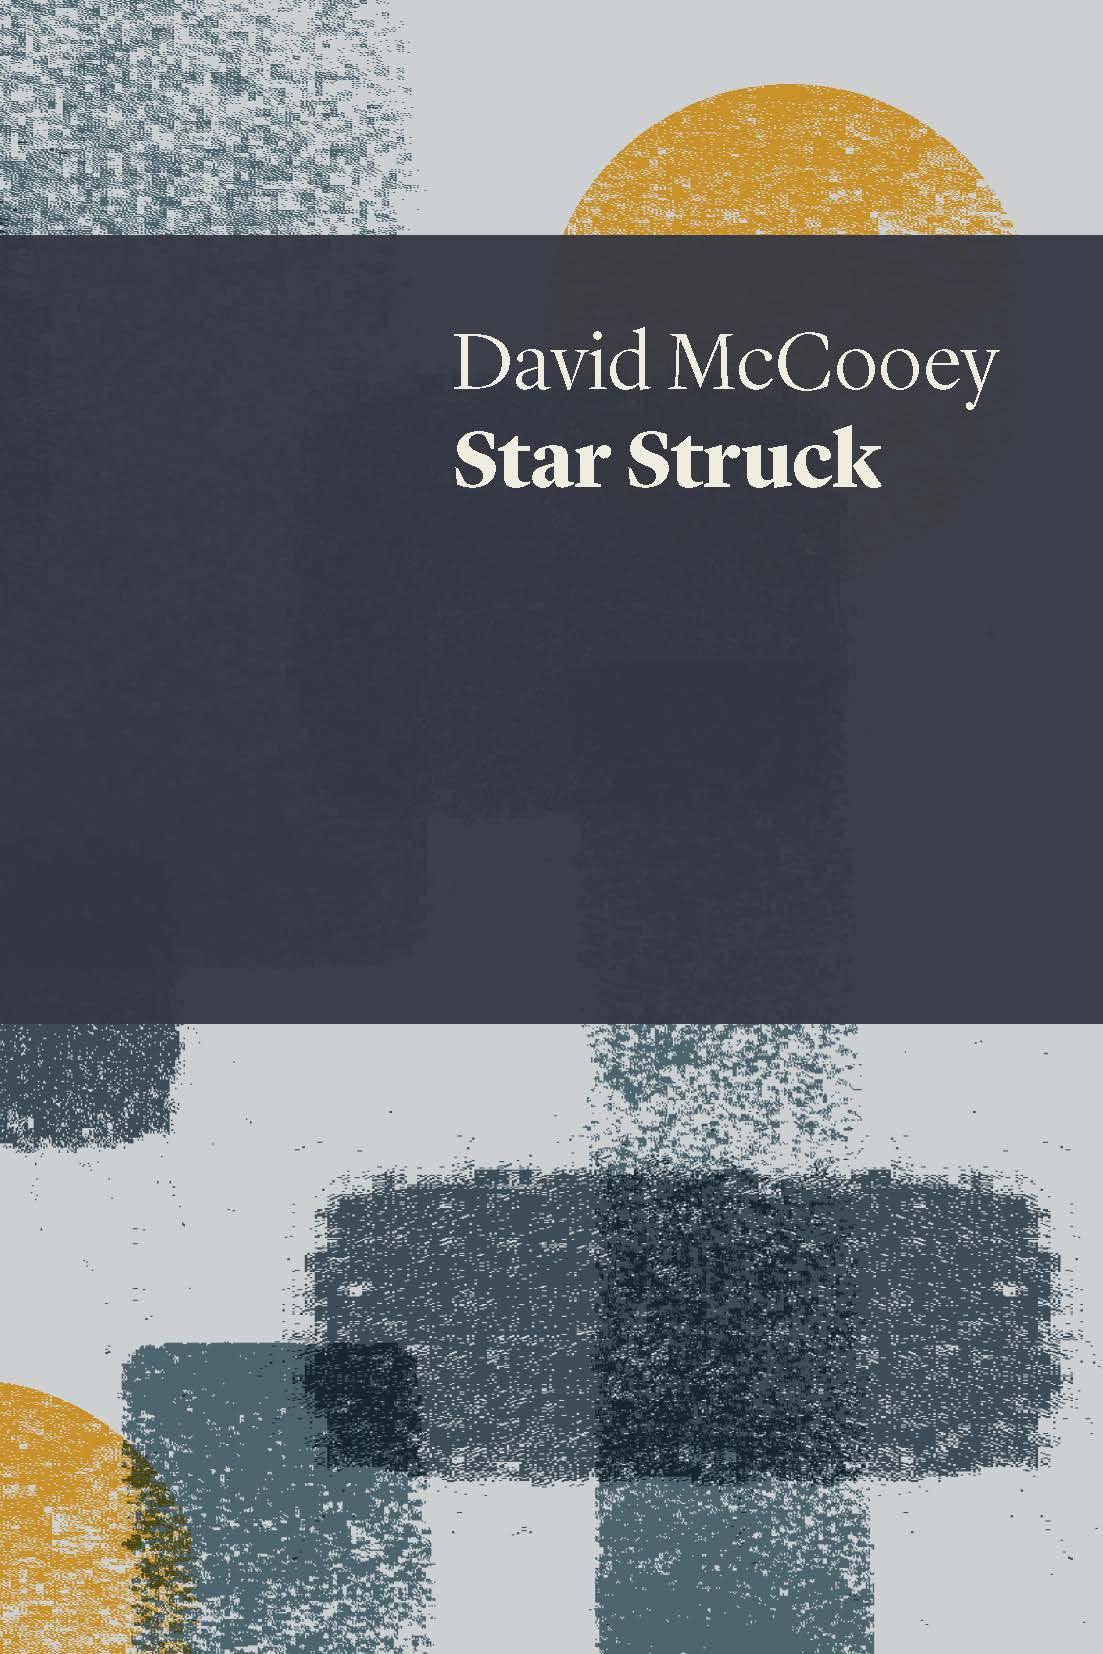 Star_Struck_cover.jpg